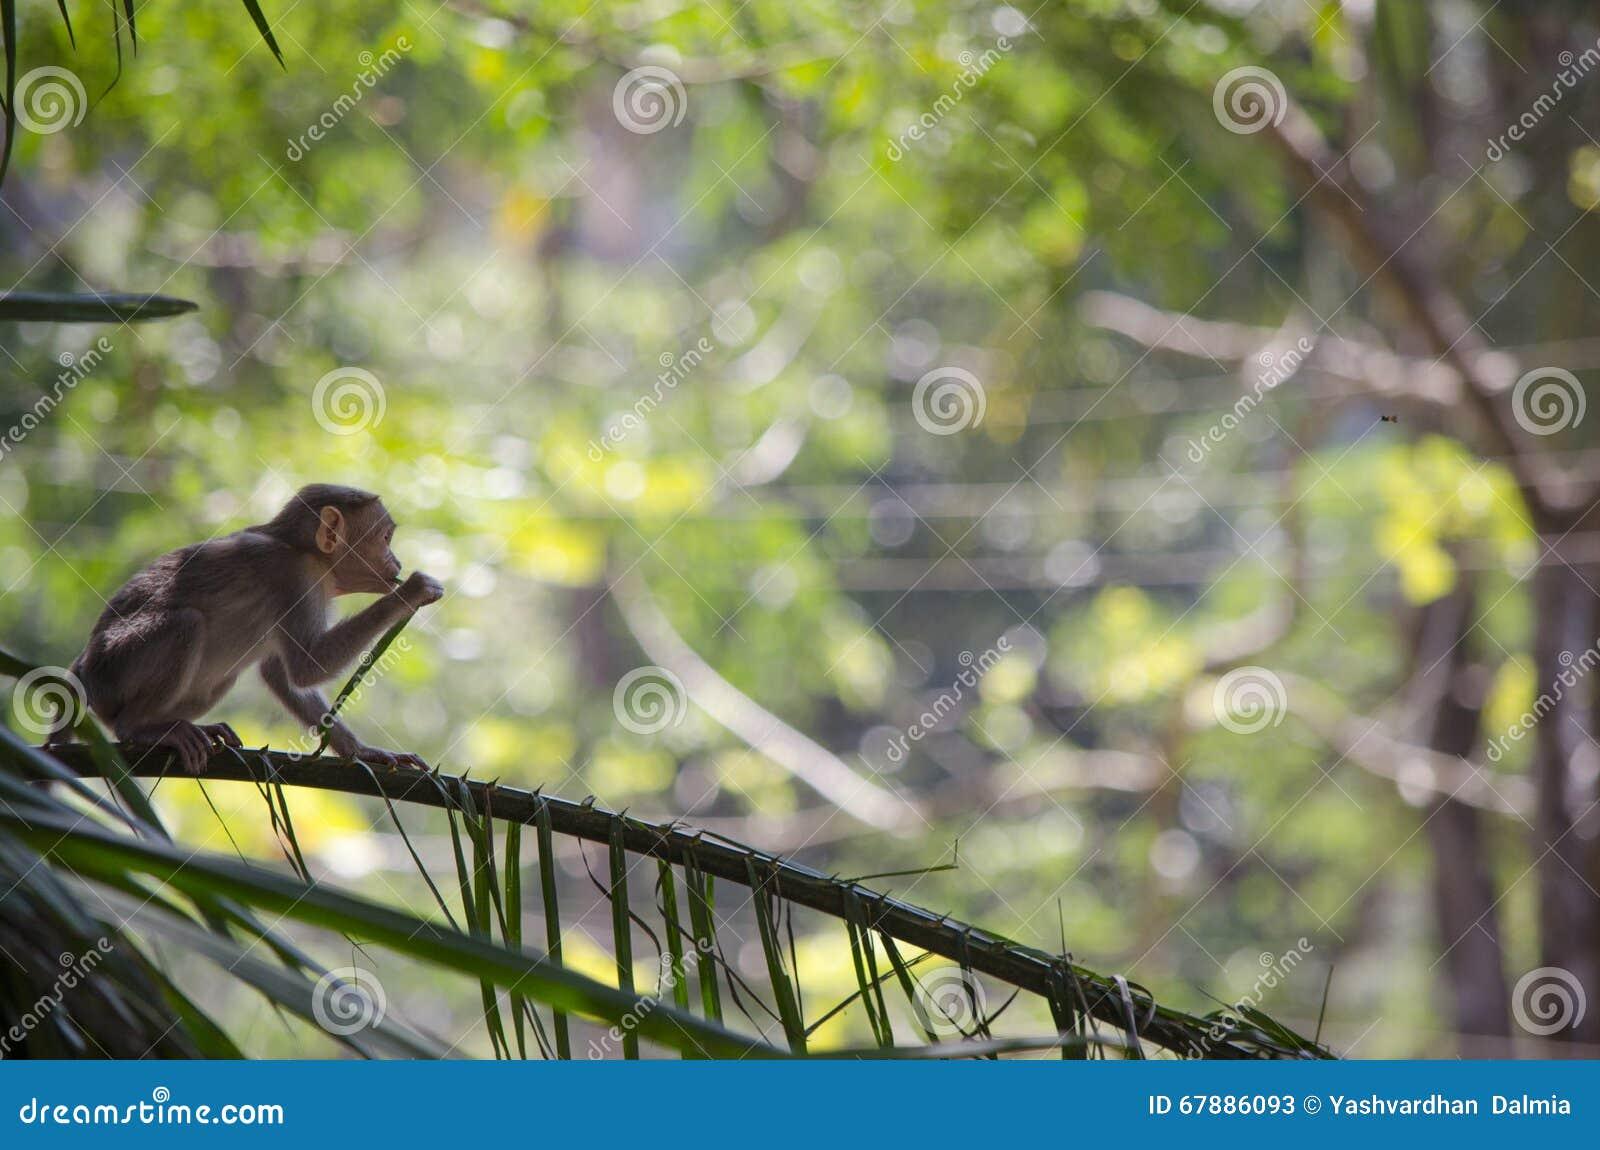 Una imagen de un mono de Macaque de capo que come las hojas